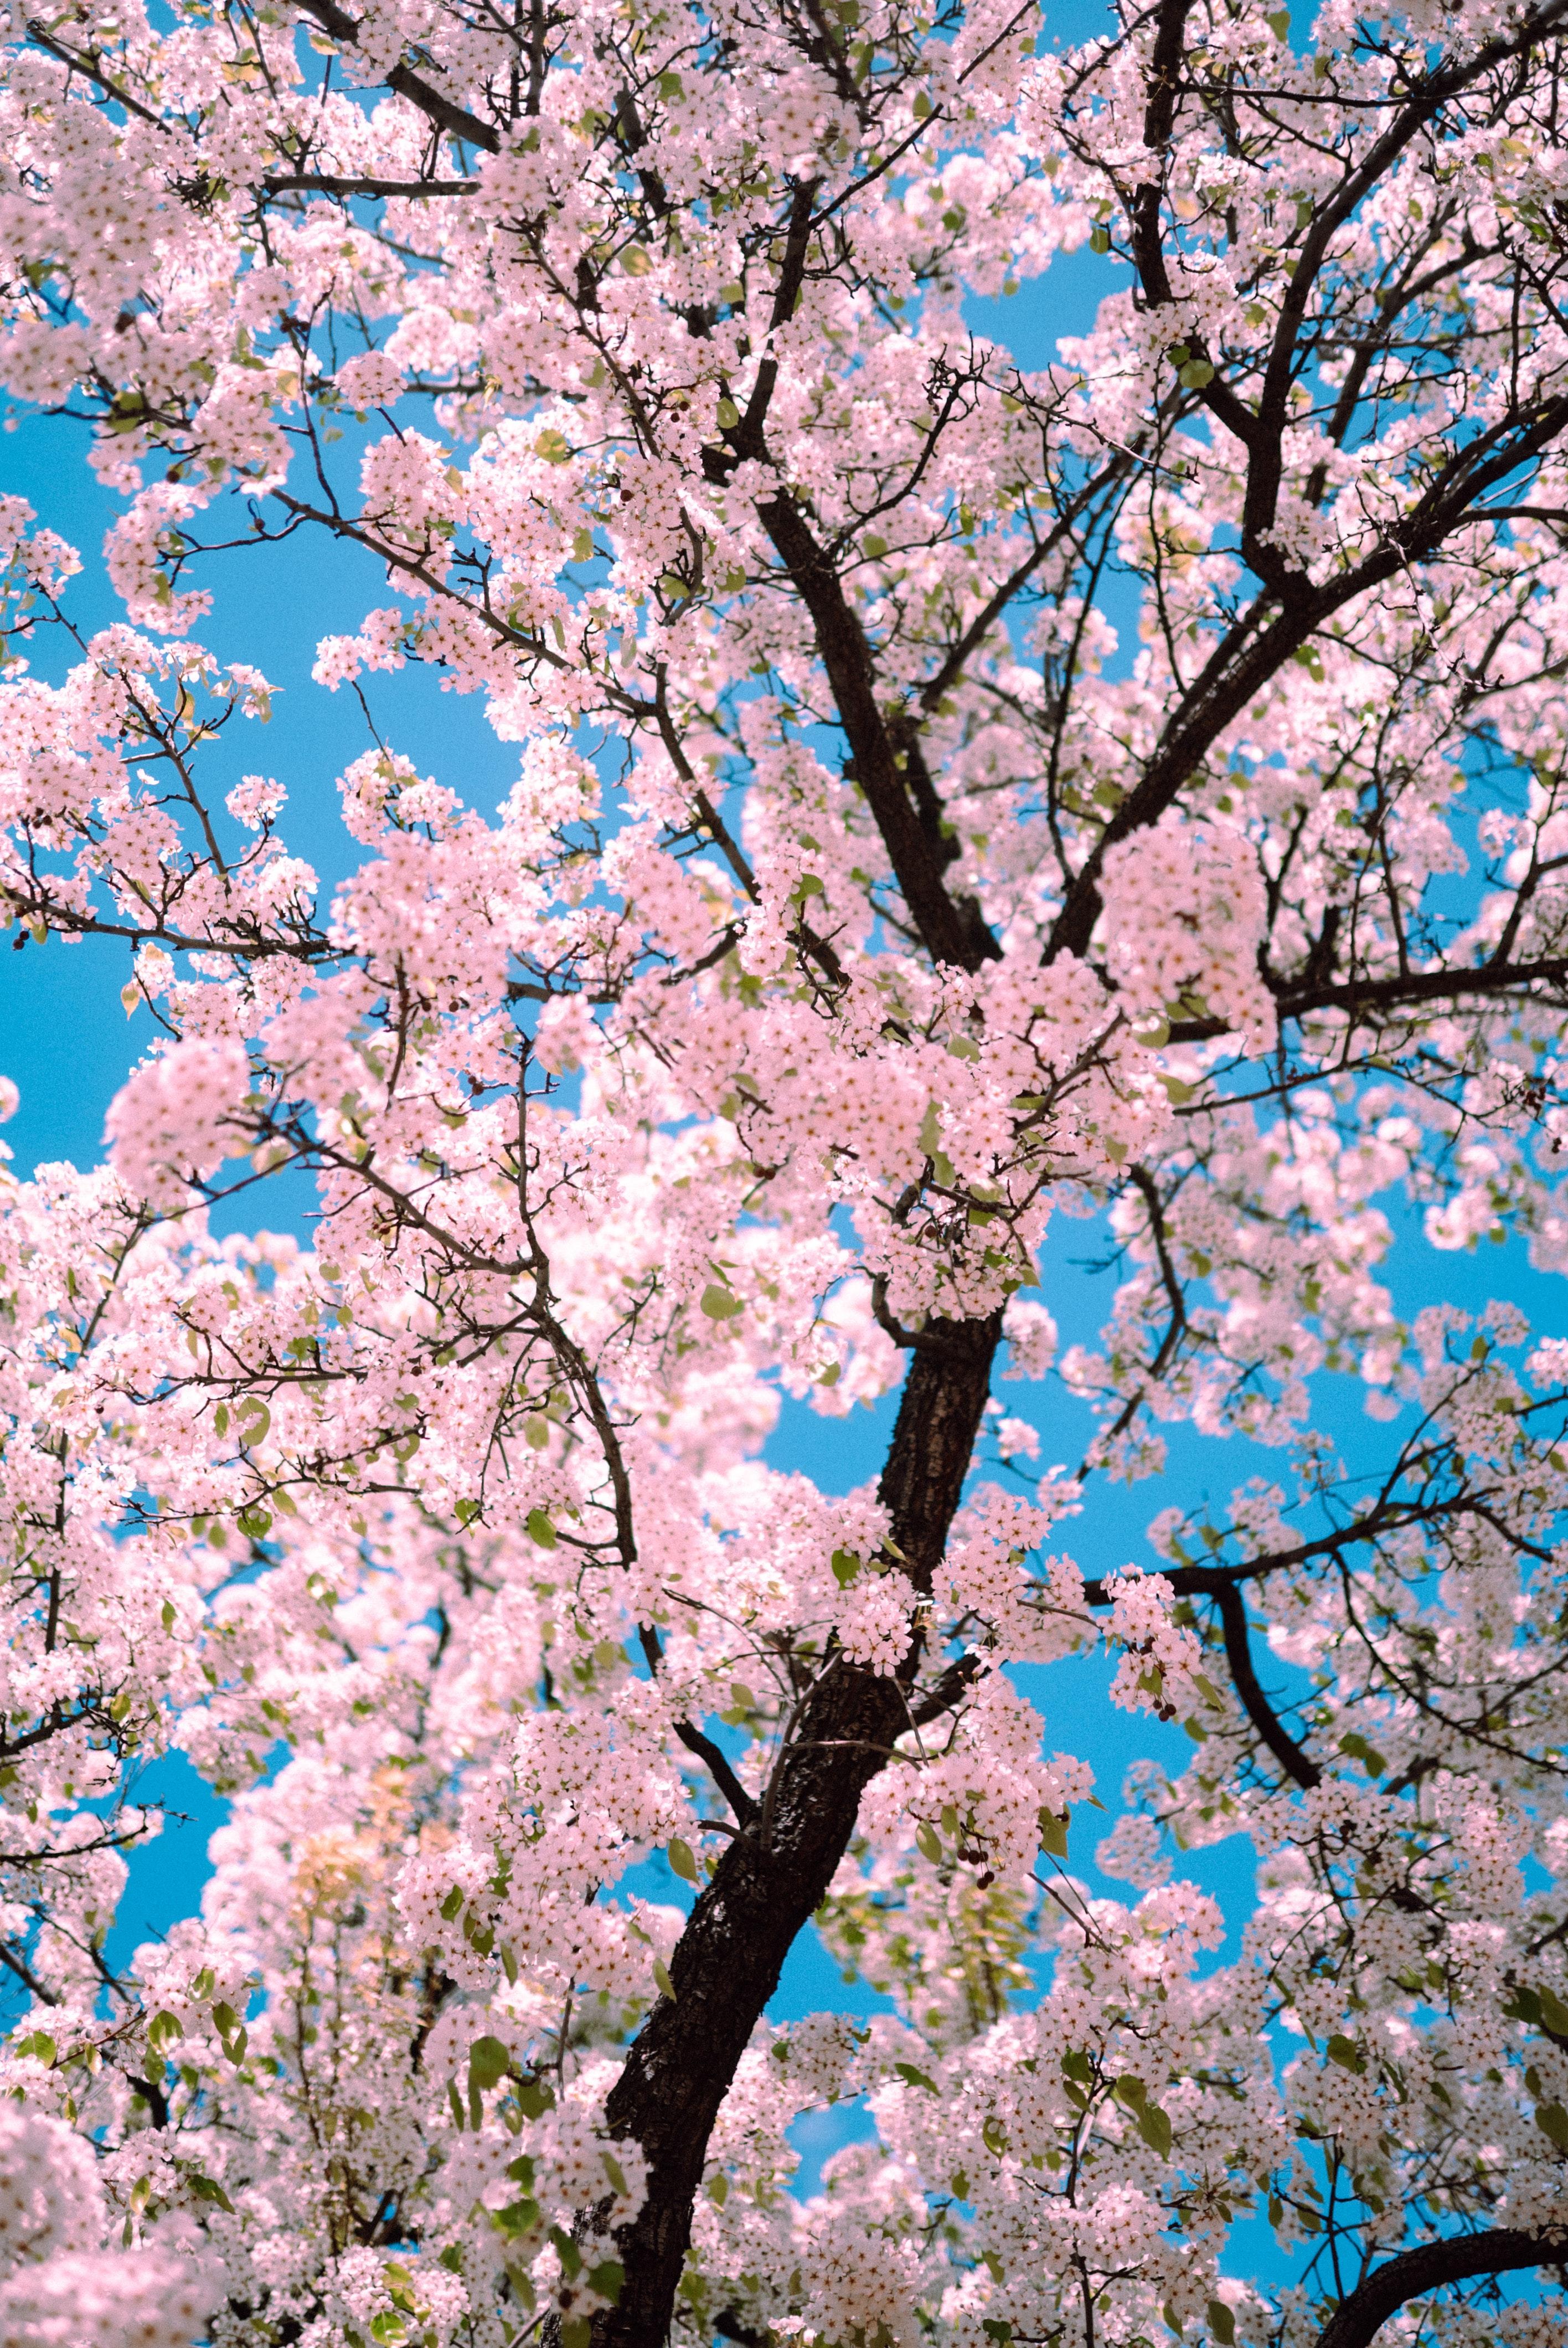 148270 Заставки и Обои Сакура на телефон. Скачать Сакура, Цветы, Дерево, Ветки, Розовый, Весна картинки бесплатно